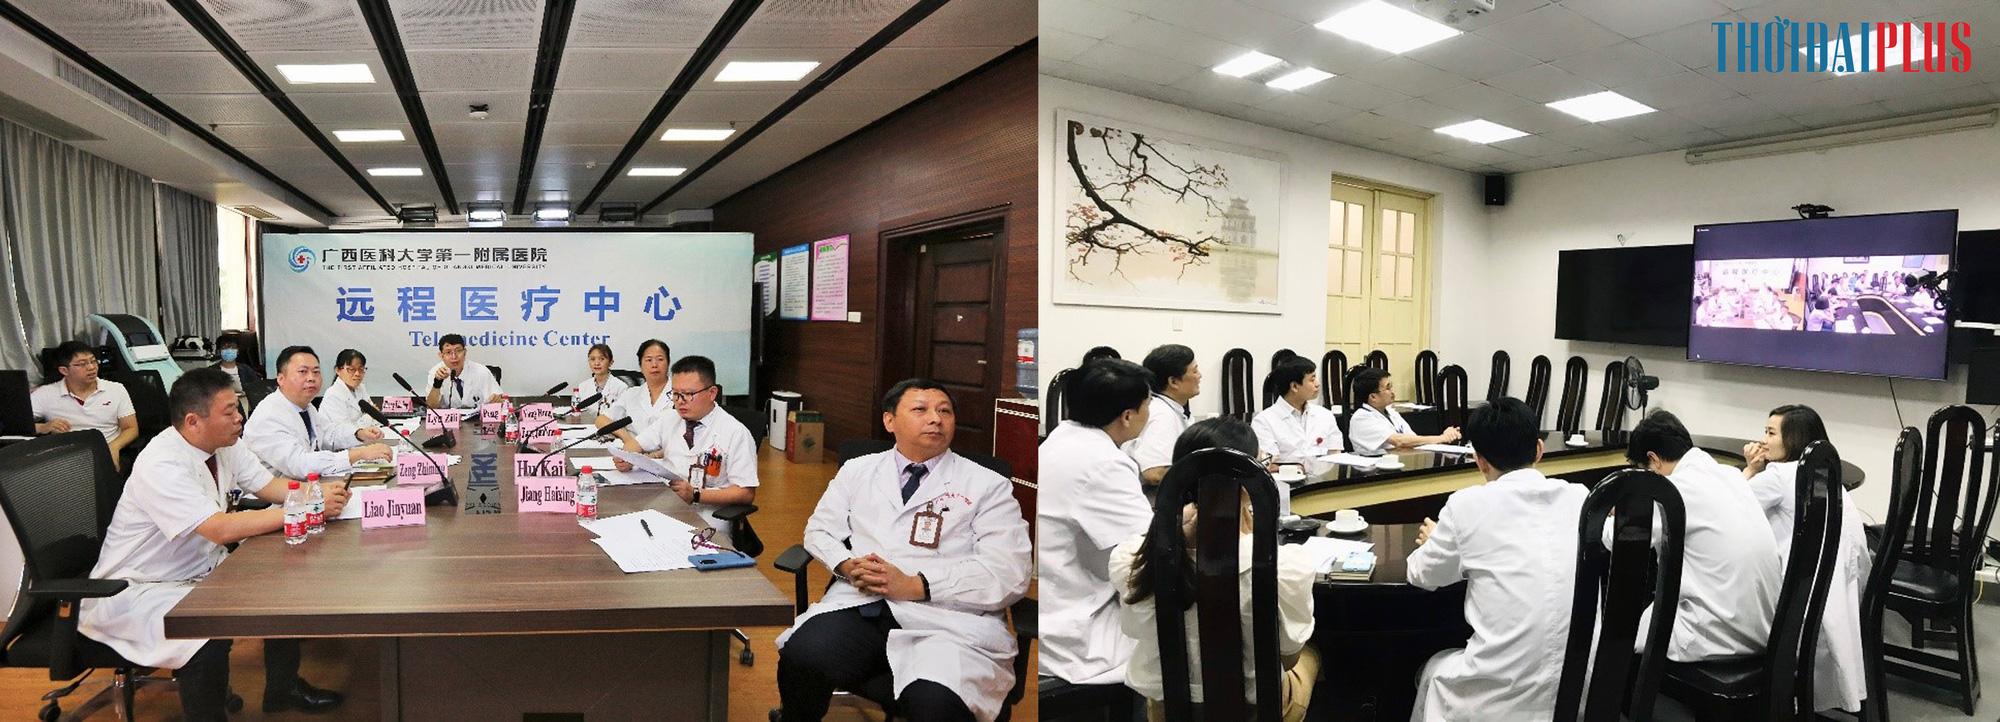 Telehealth và trăn trở từ 15 năm trước của Giám đốc Bệnh viện Việt Đức - Ảnh 9.